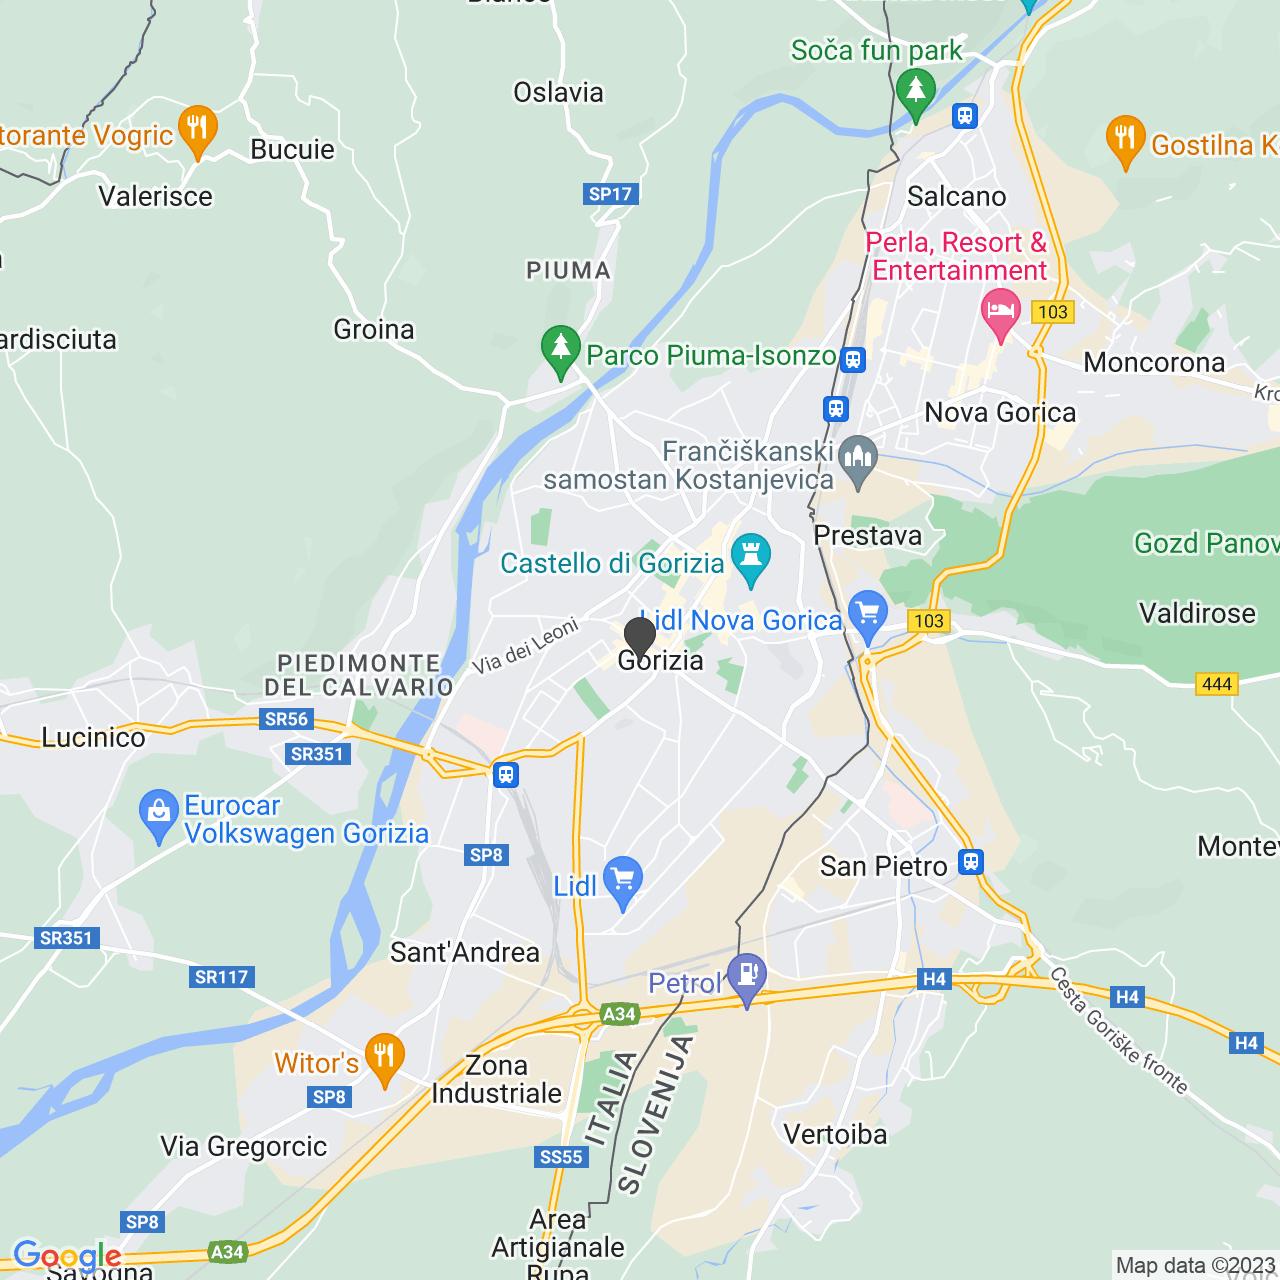 CROCE ROSSA ITALIANA - COMITATO DI GORIZIA - ORGANIZZAZIONE DI VOLONTARIATO